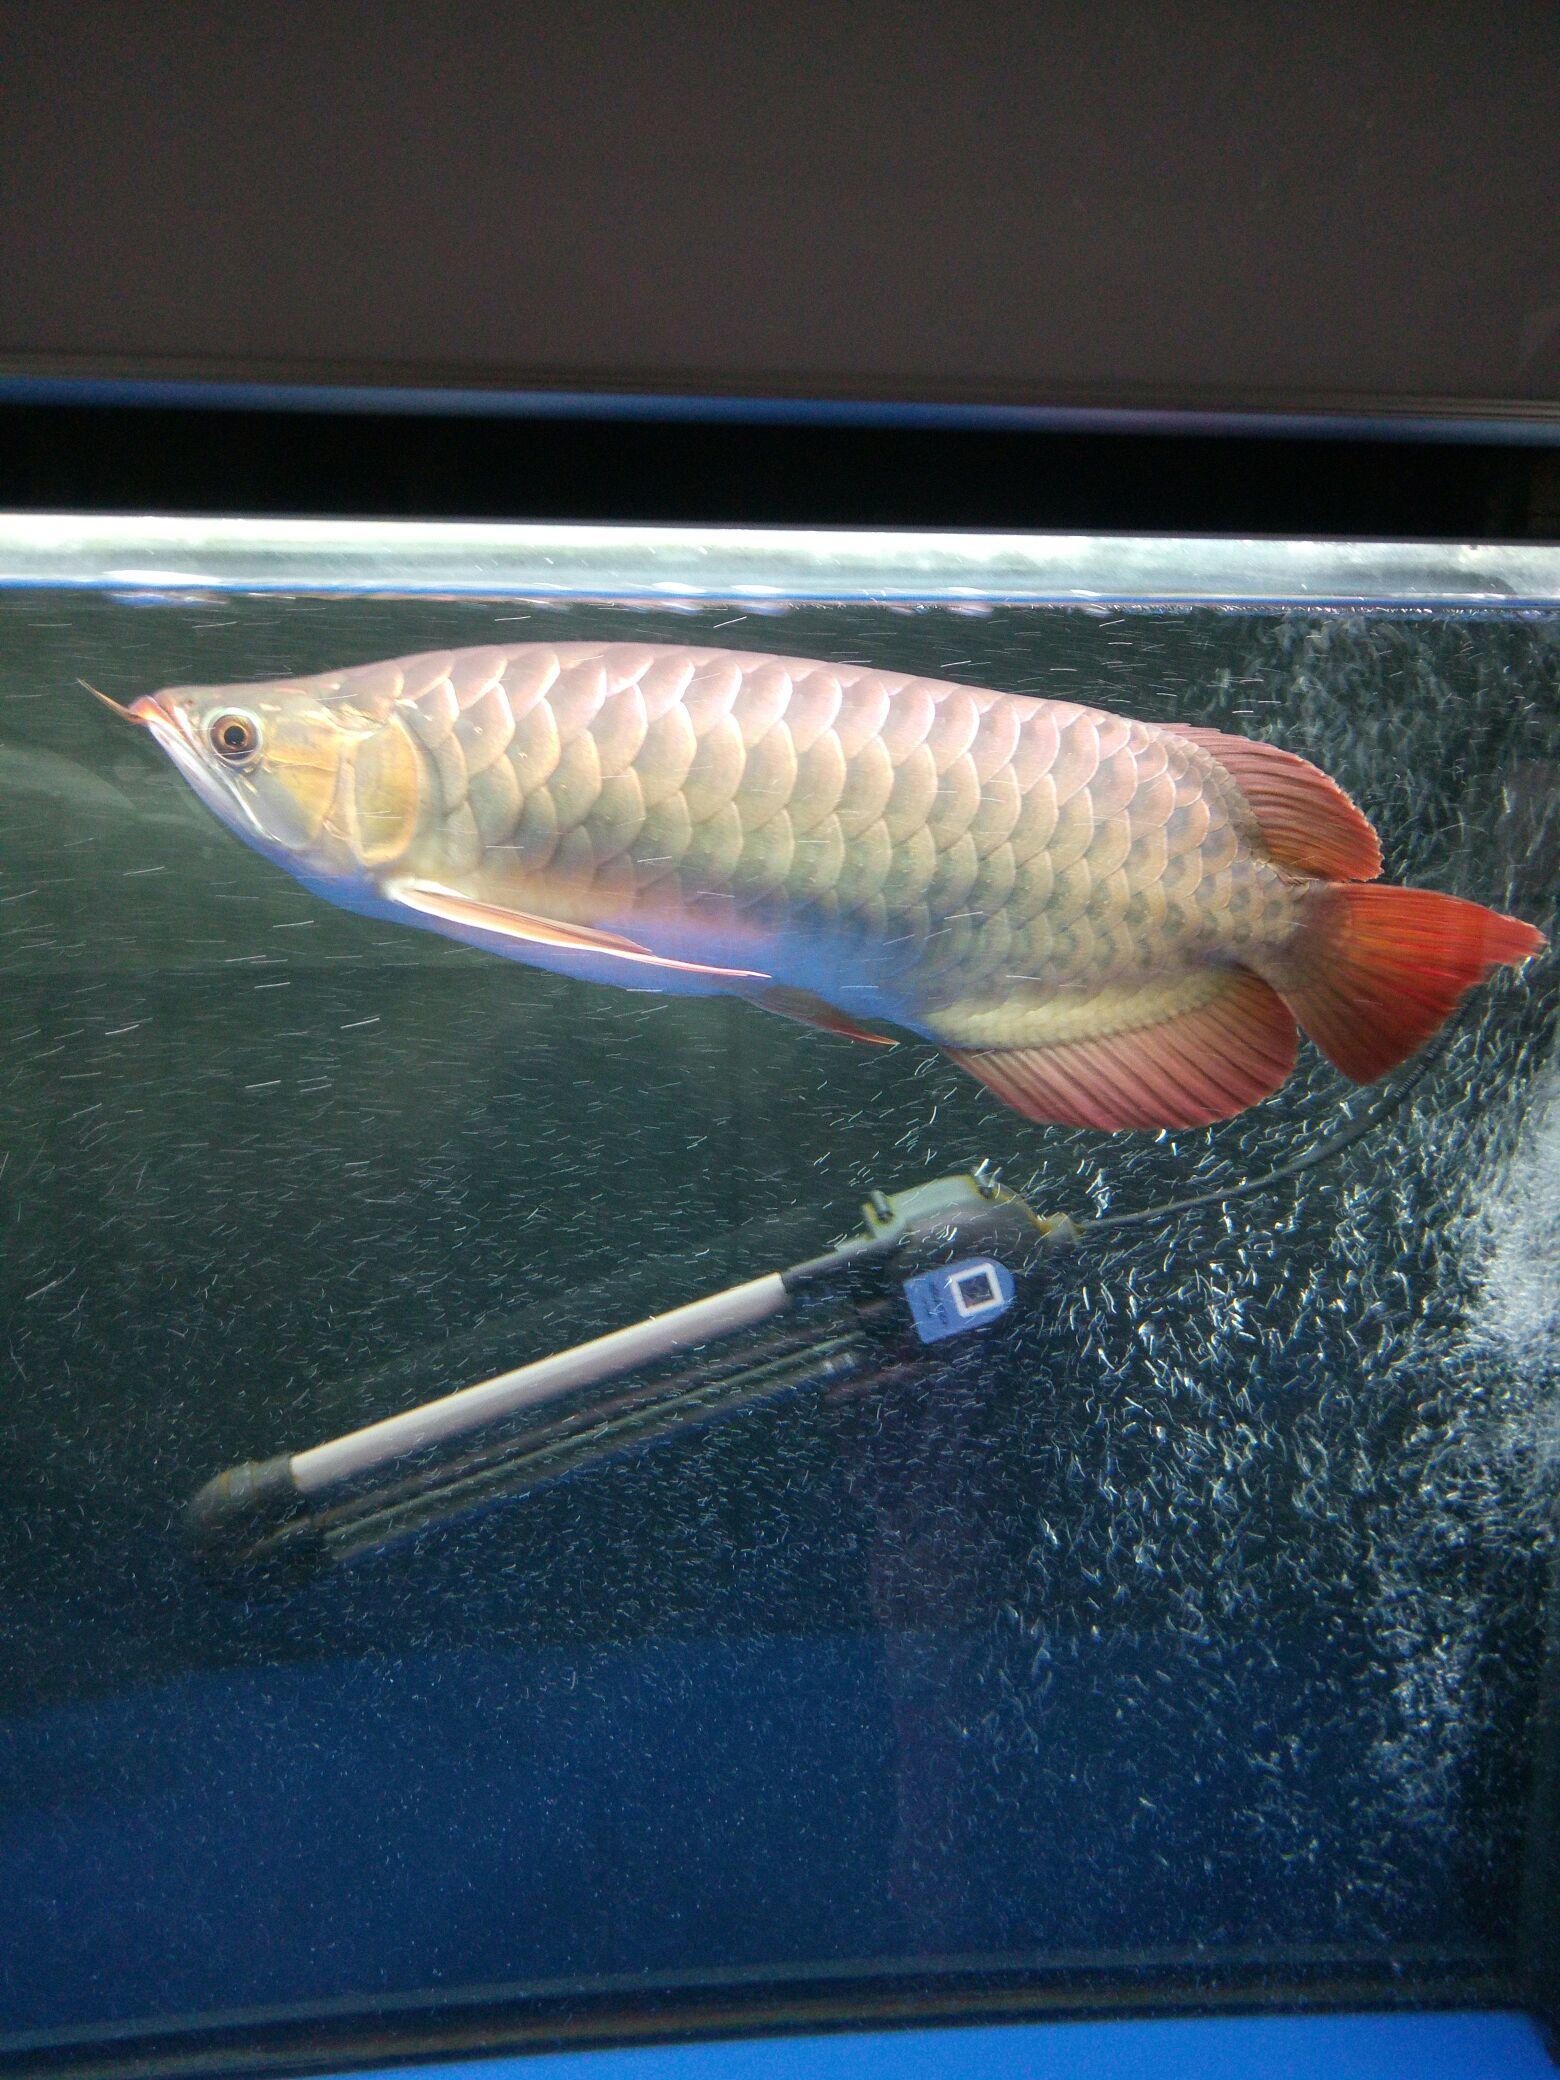 鱼【西安沉木批发】缸气泡 西安观赏鱼信息 西安博特第2张